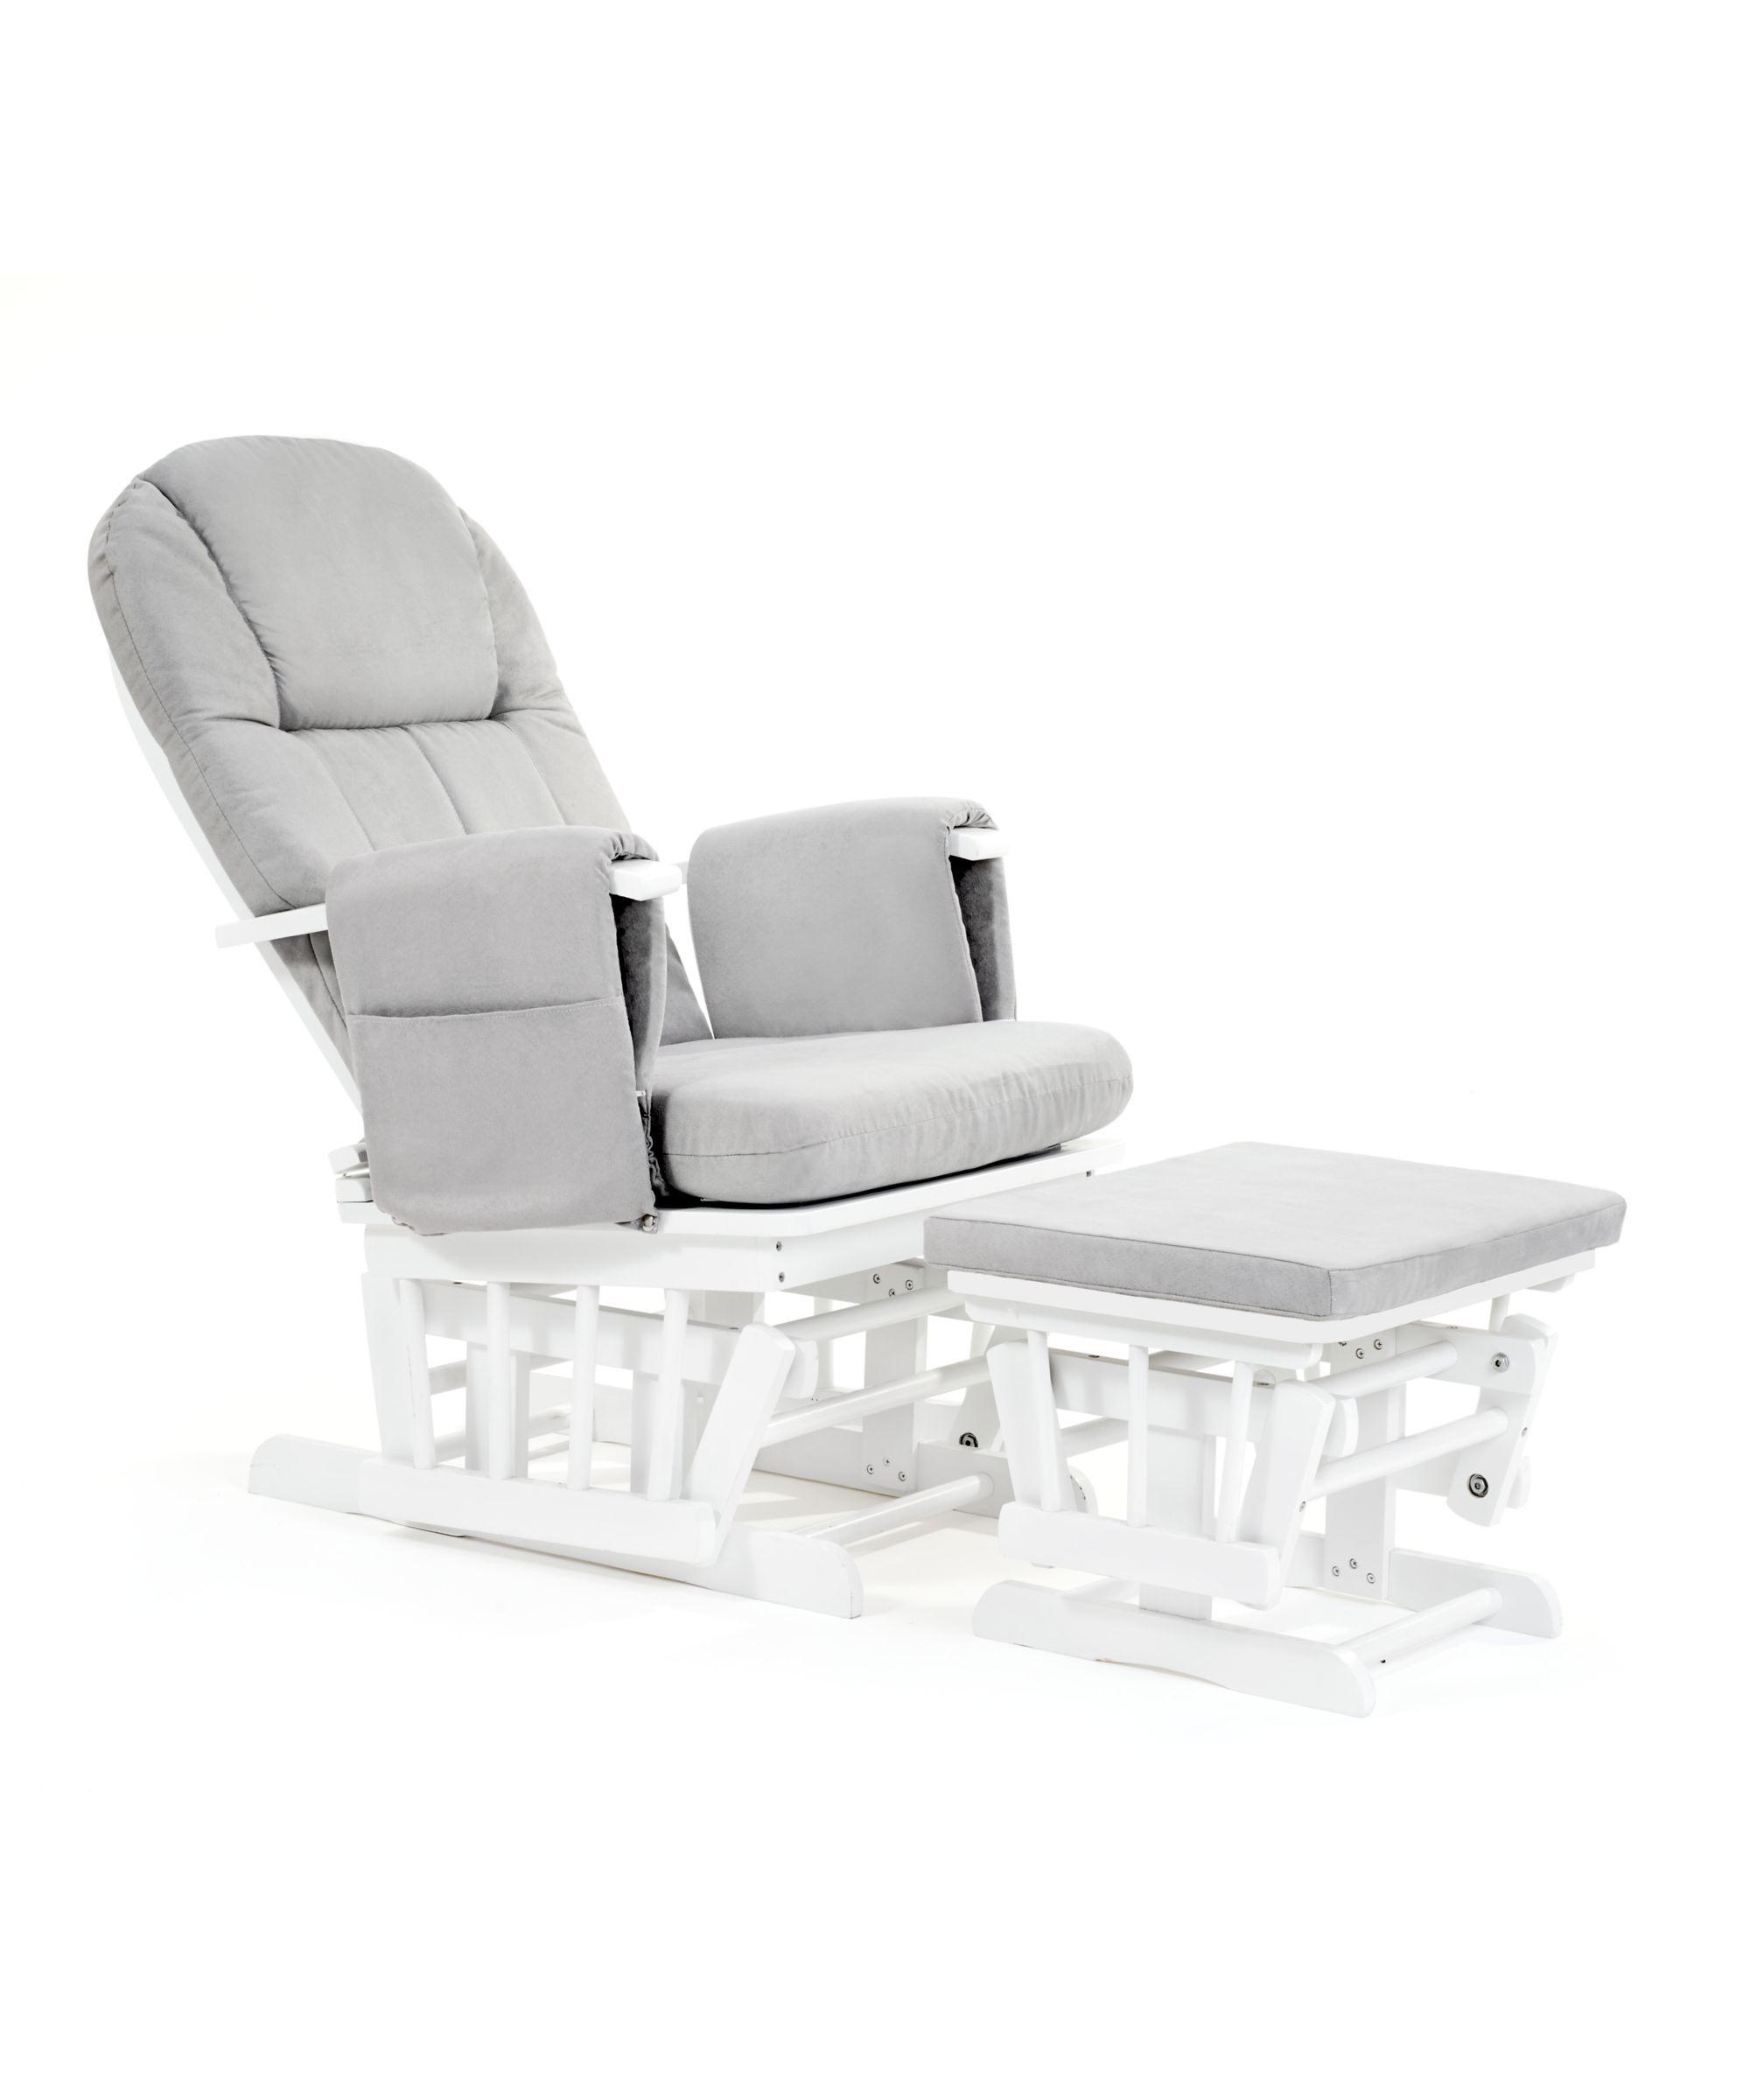 Rocking Chair Glider Rocking Chair Nursery Glider Chair